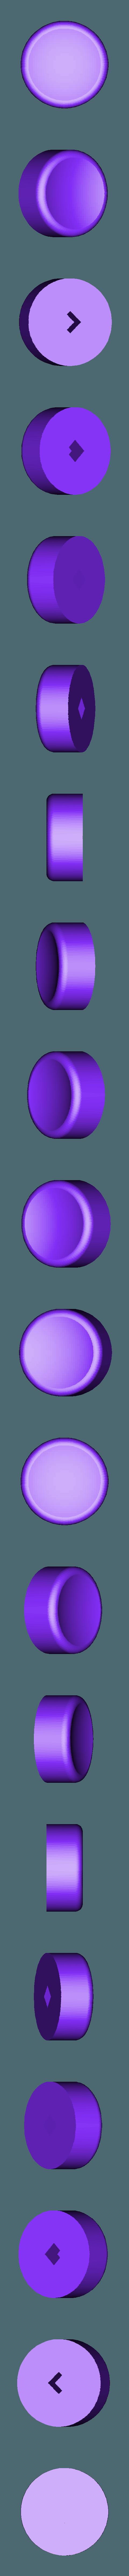 Gameboy_Nano_thumb_stick.stl Télécharger fichier STL gratuit Pi Zero - Gameboy NANO • Design imprimable en 3D, Lassaalk